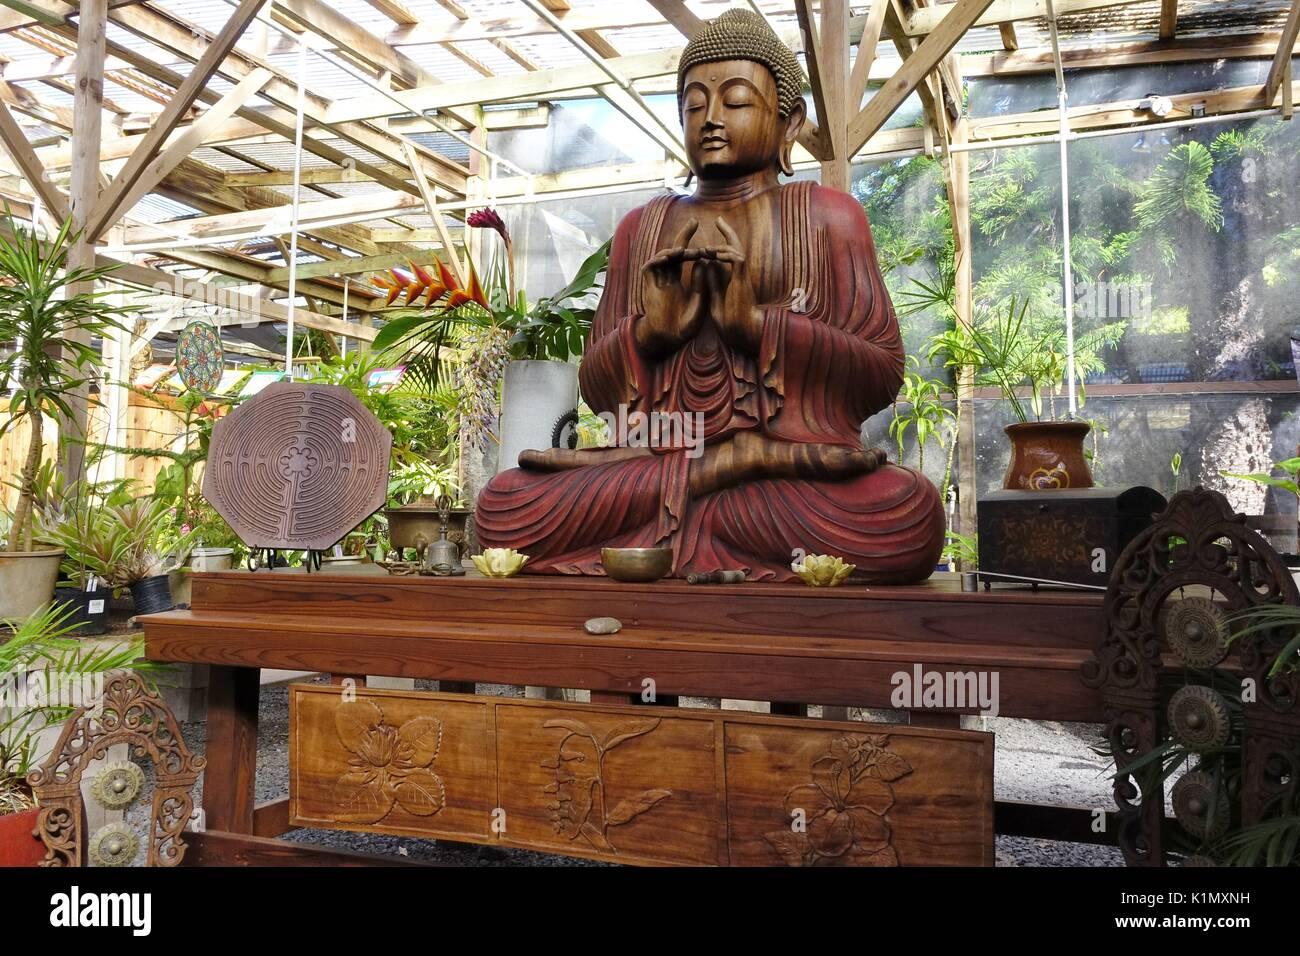 Sacred Garden Of Maliko Stock Photos & Sacred Garden Of Maliko Stock ...